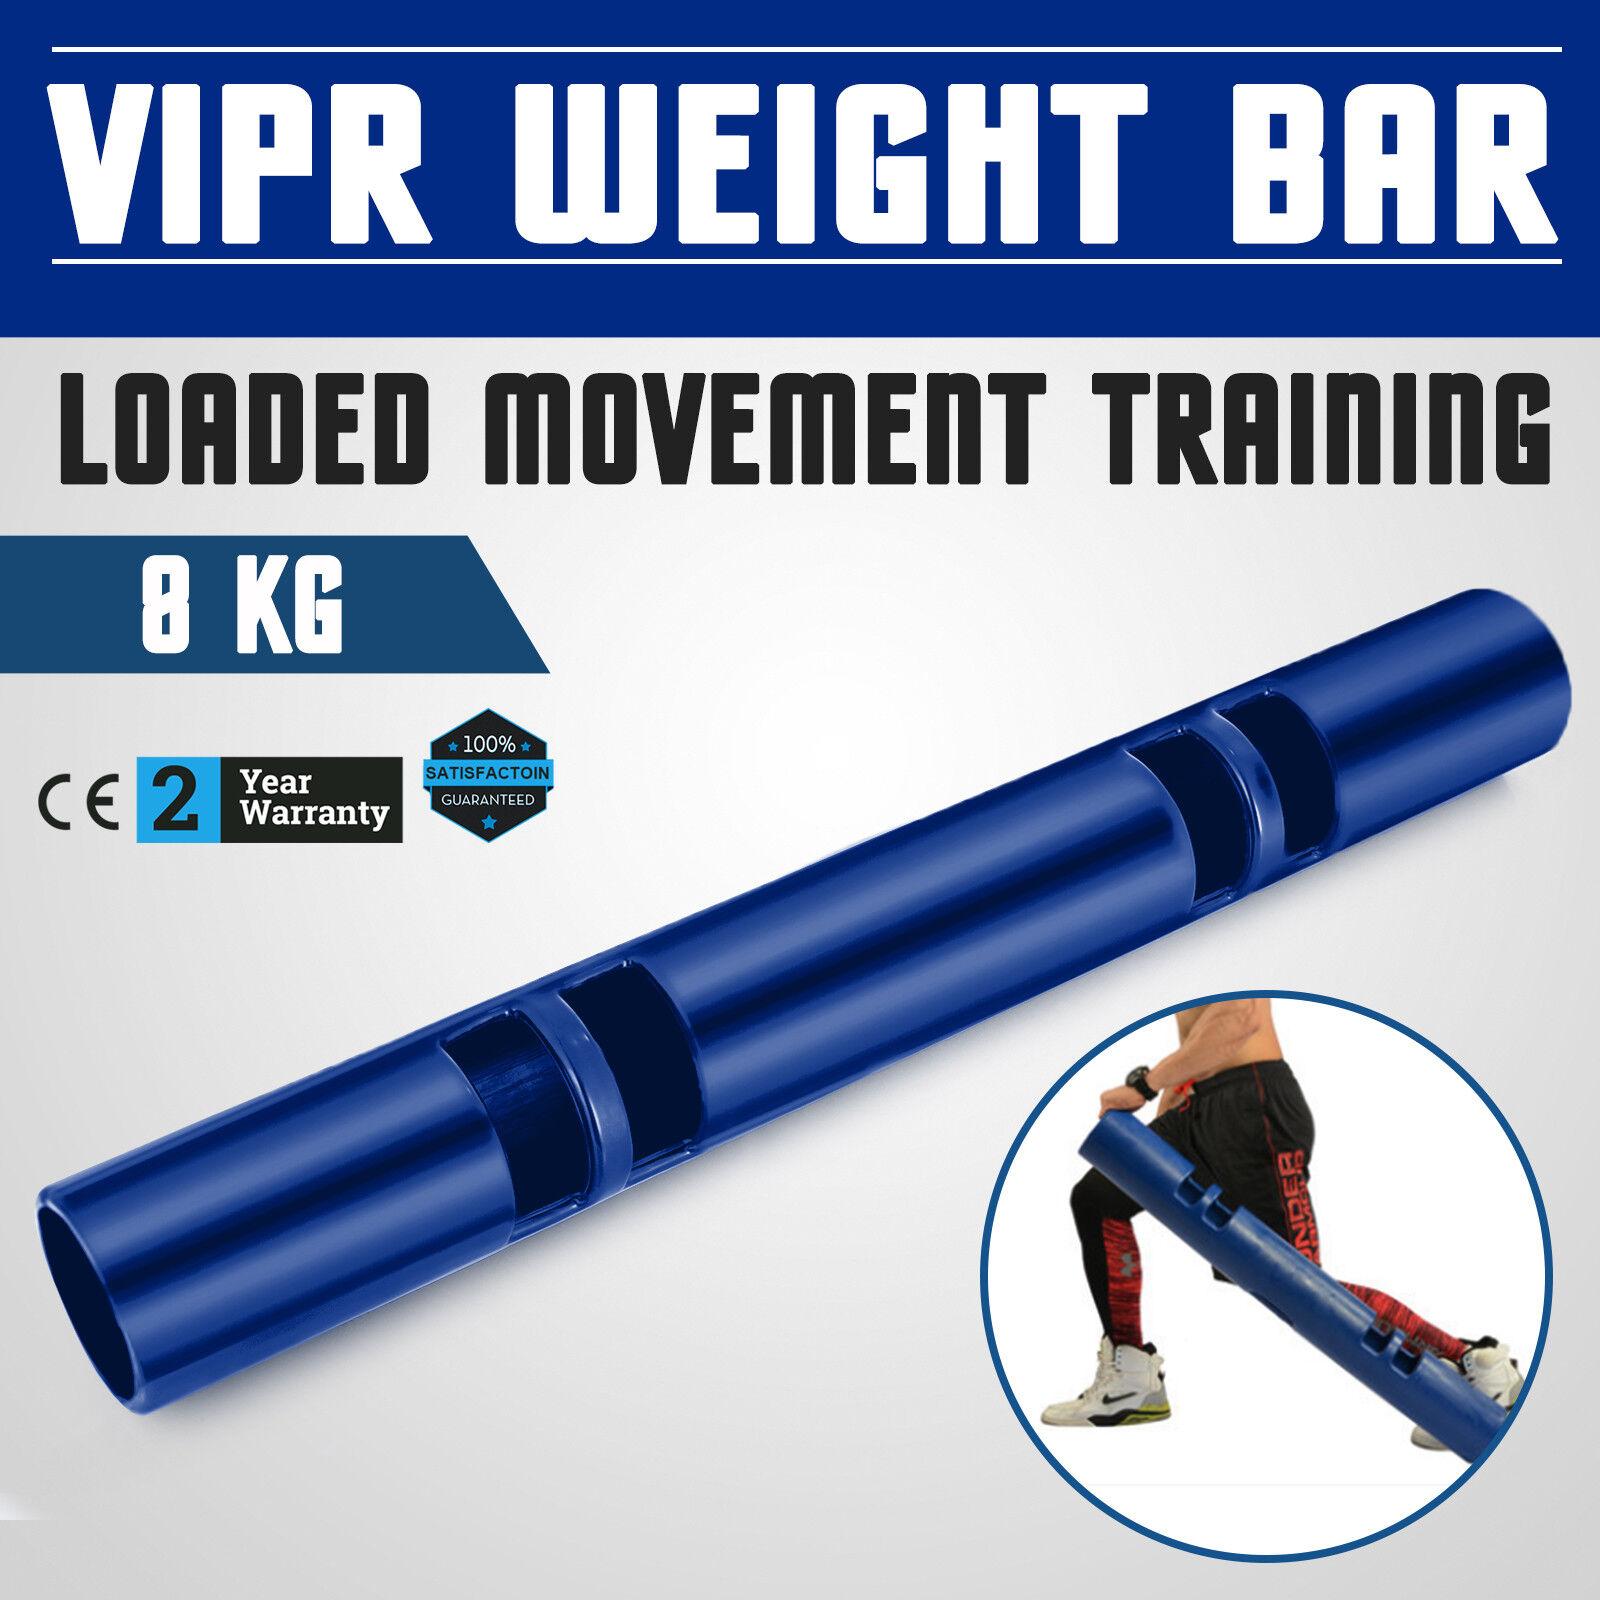 Vipr Fitpro Fitness Tube 8 kg